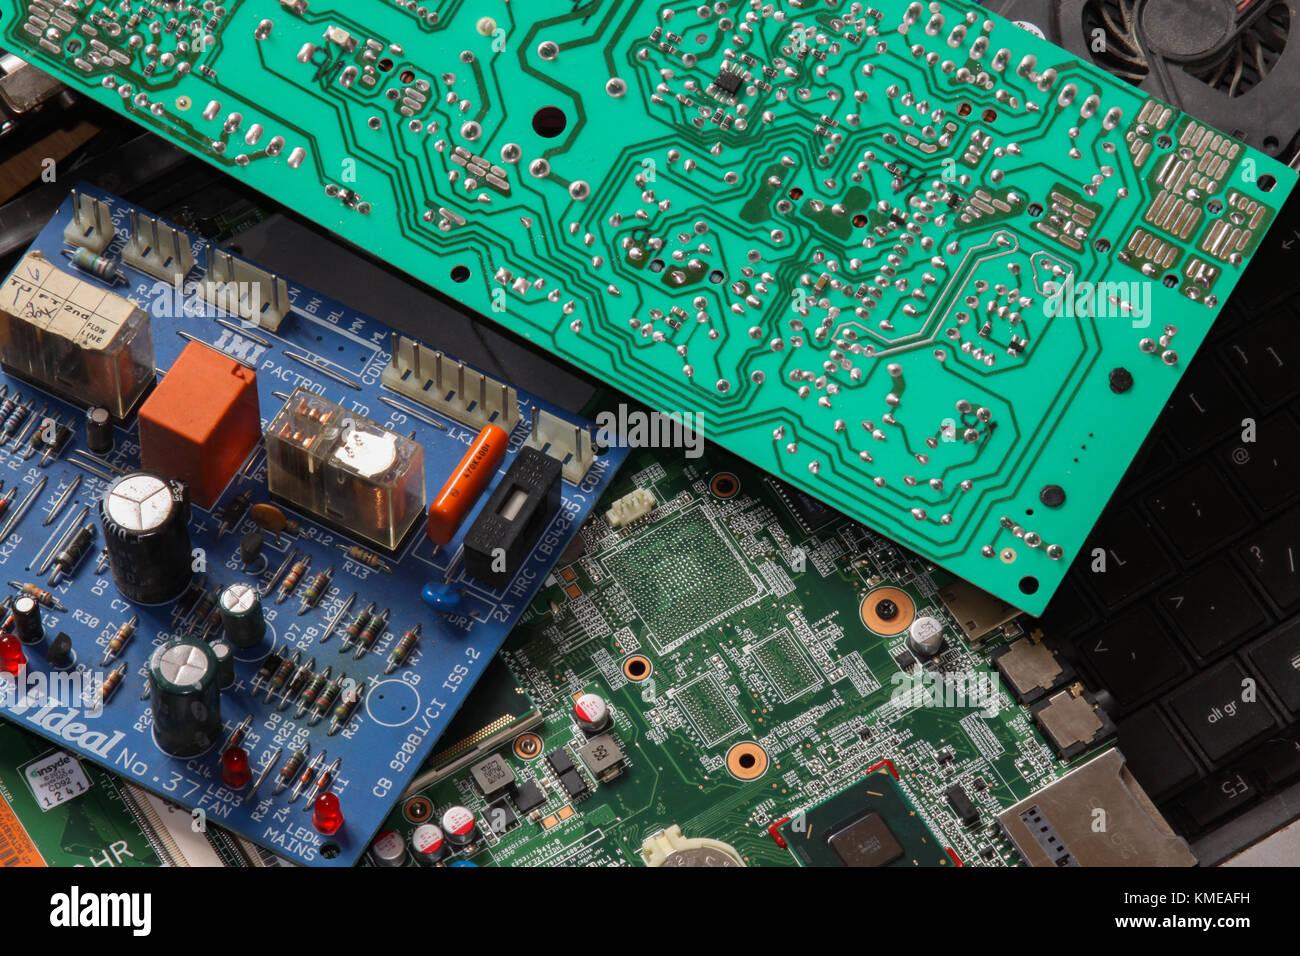 Rifiuti di schede a circuito stampato e computer. Regno Unito Immagini Stock